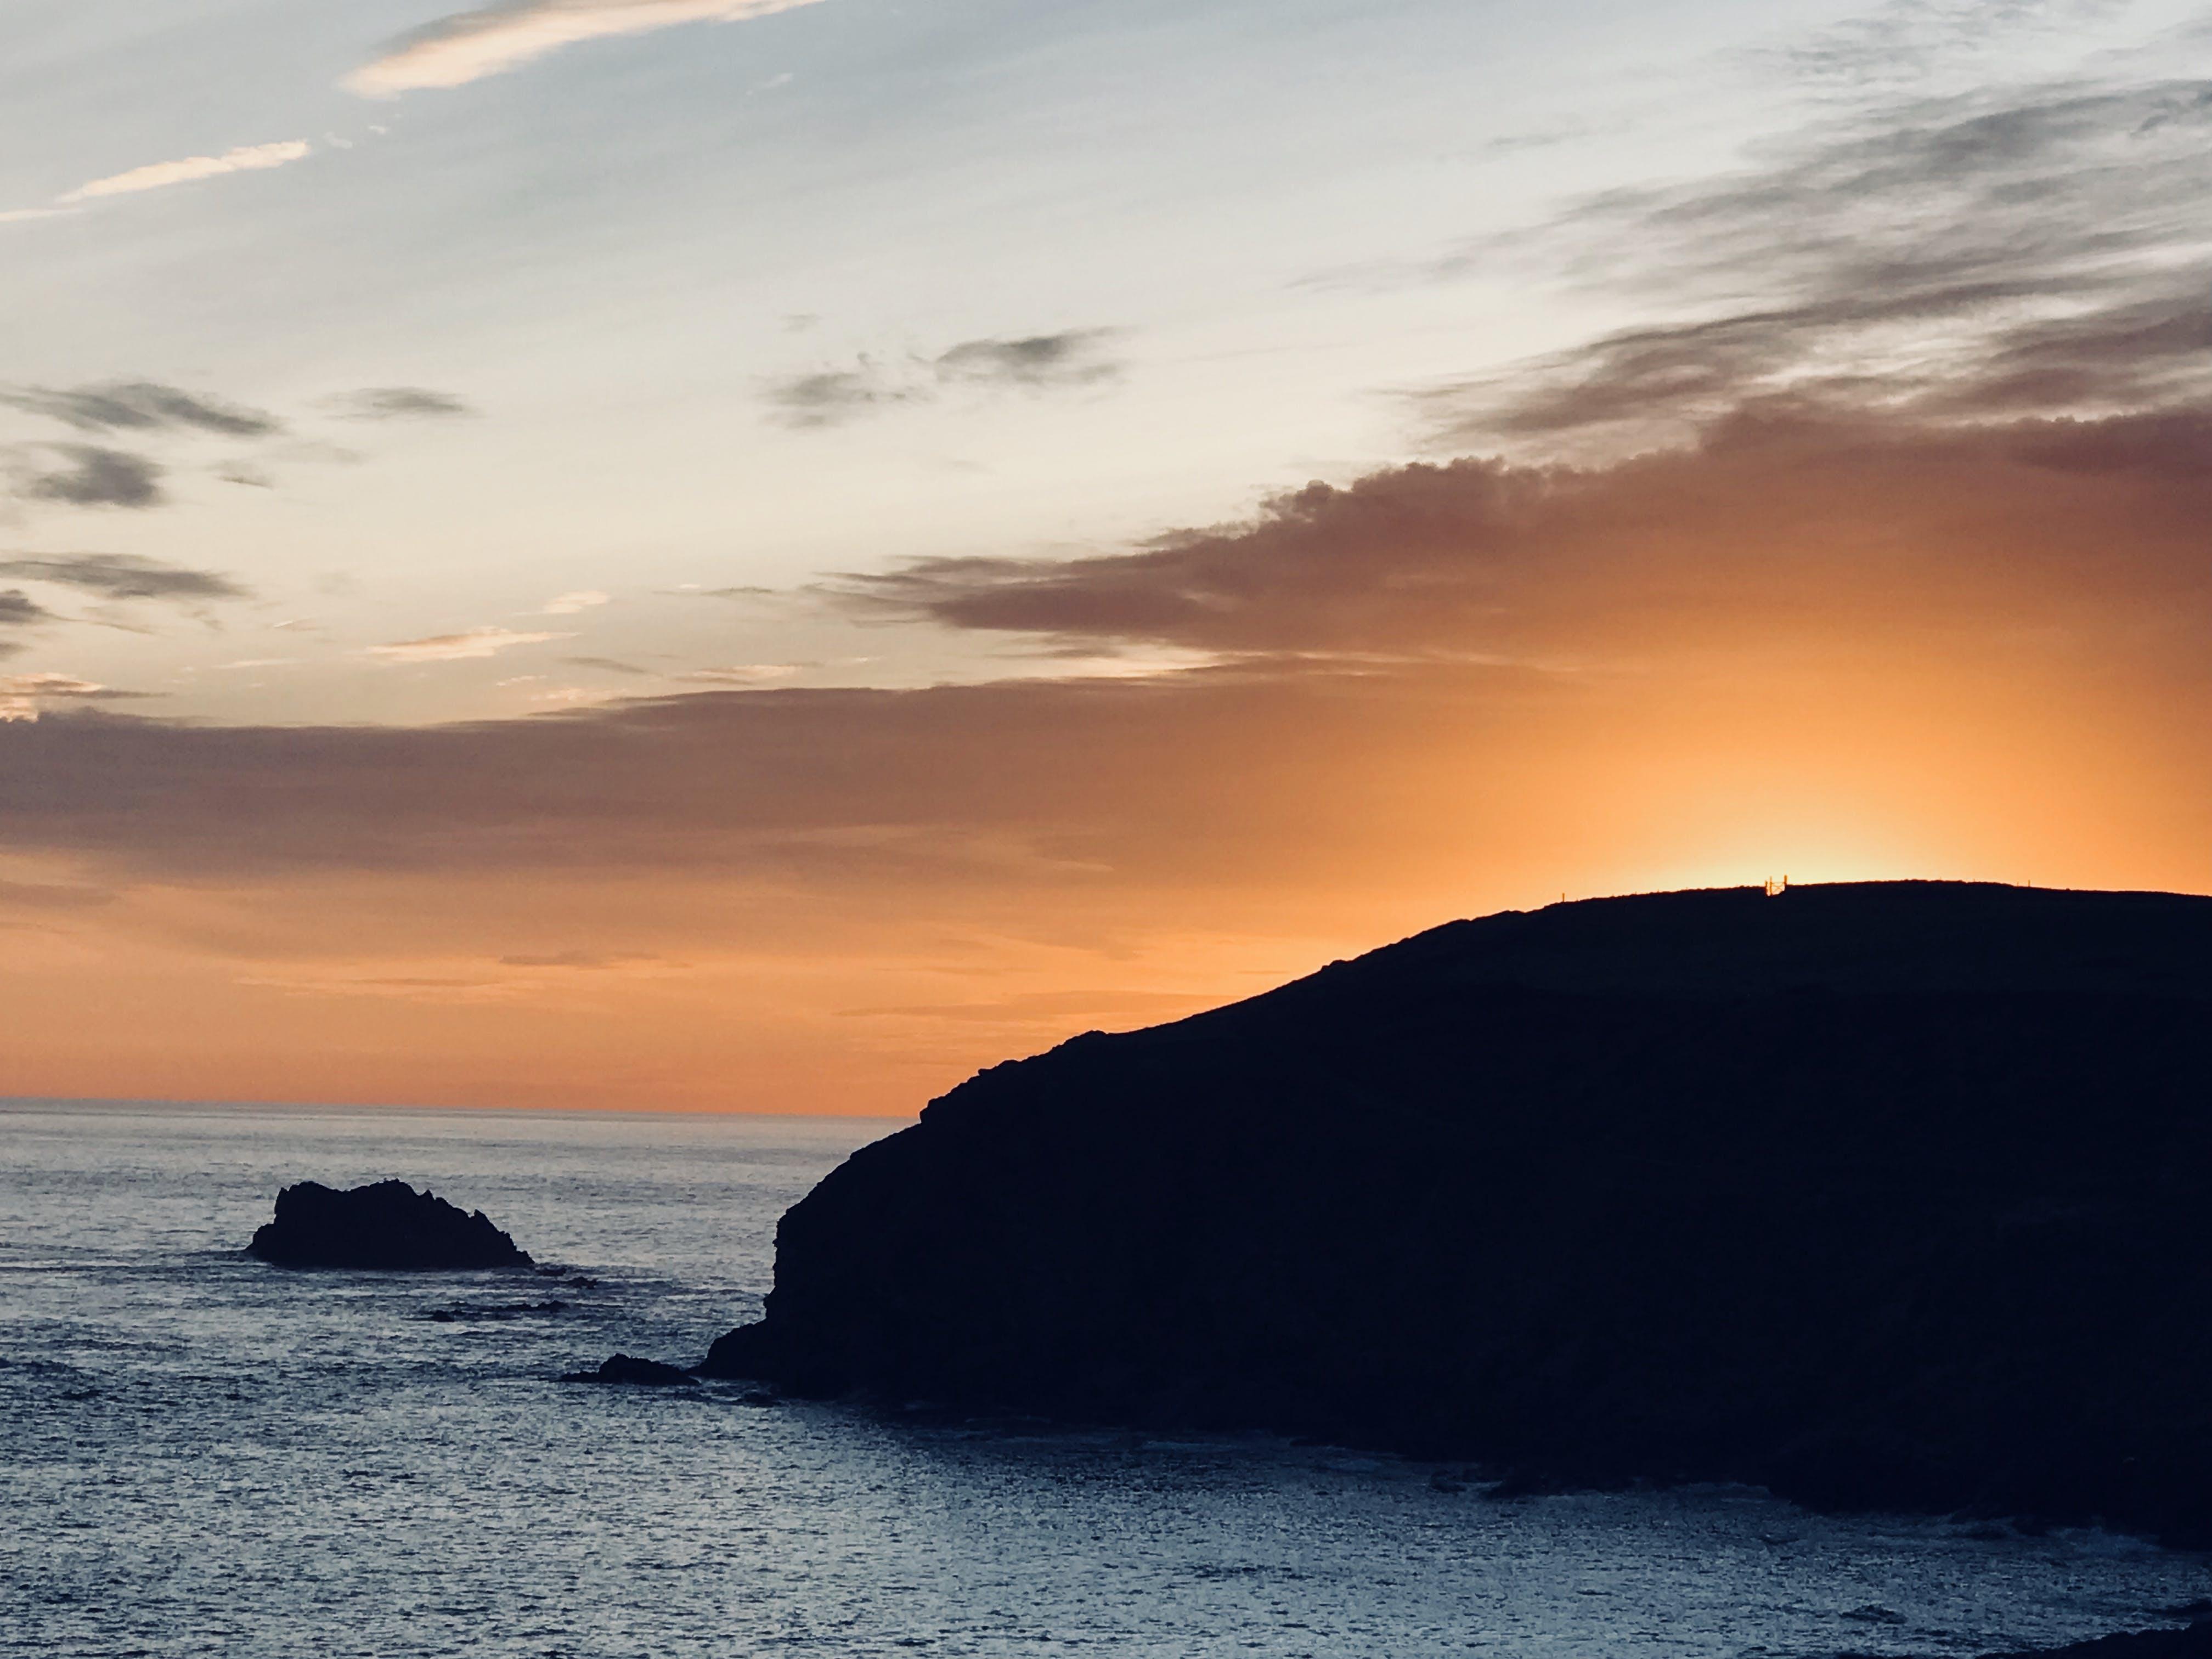 Free stock photo of dusk, ocean shore, ocean sunset, sunset